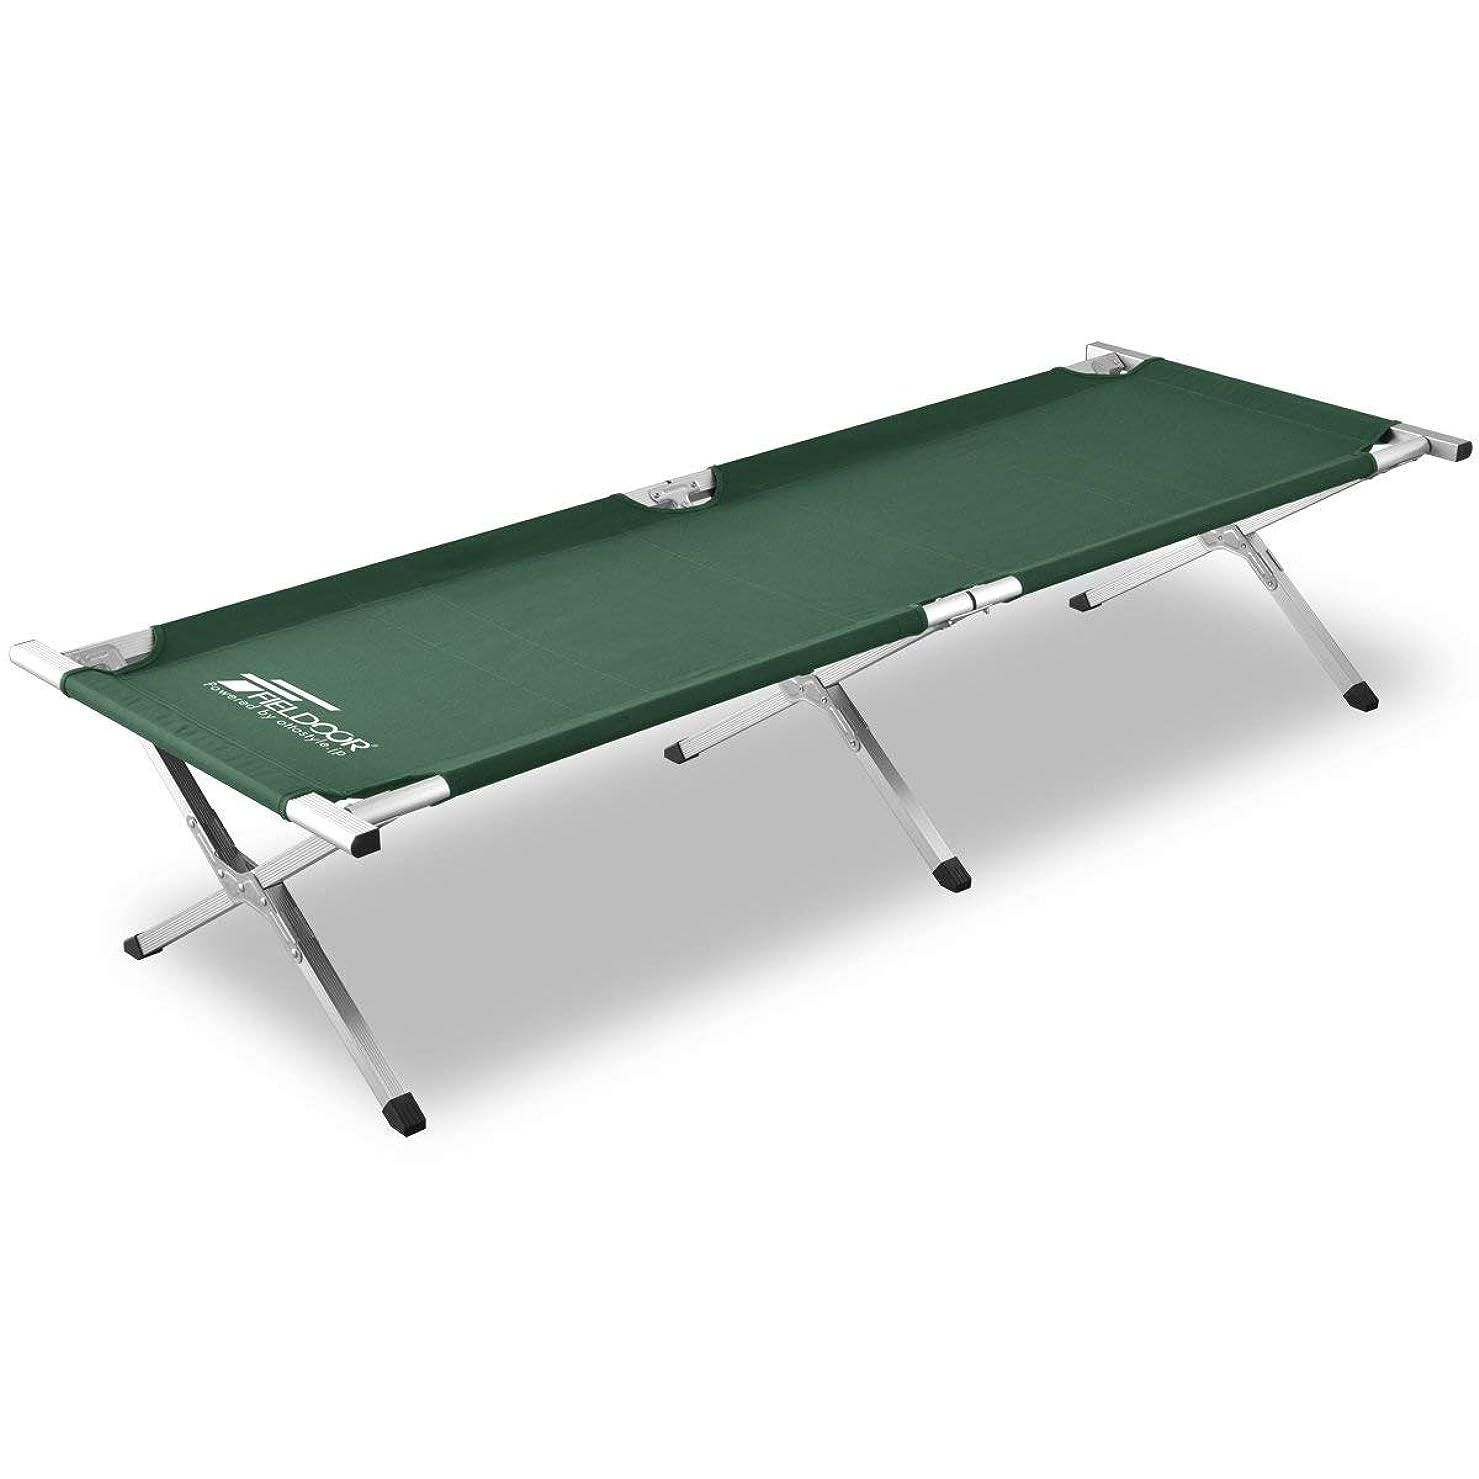 副エンティティ終了しましたFIELDOOR アウトドアコット アルミ キャンプベッド ベンチ 折りたたみ式 簡単 コンパクト